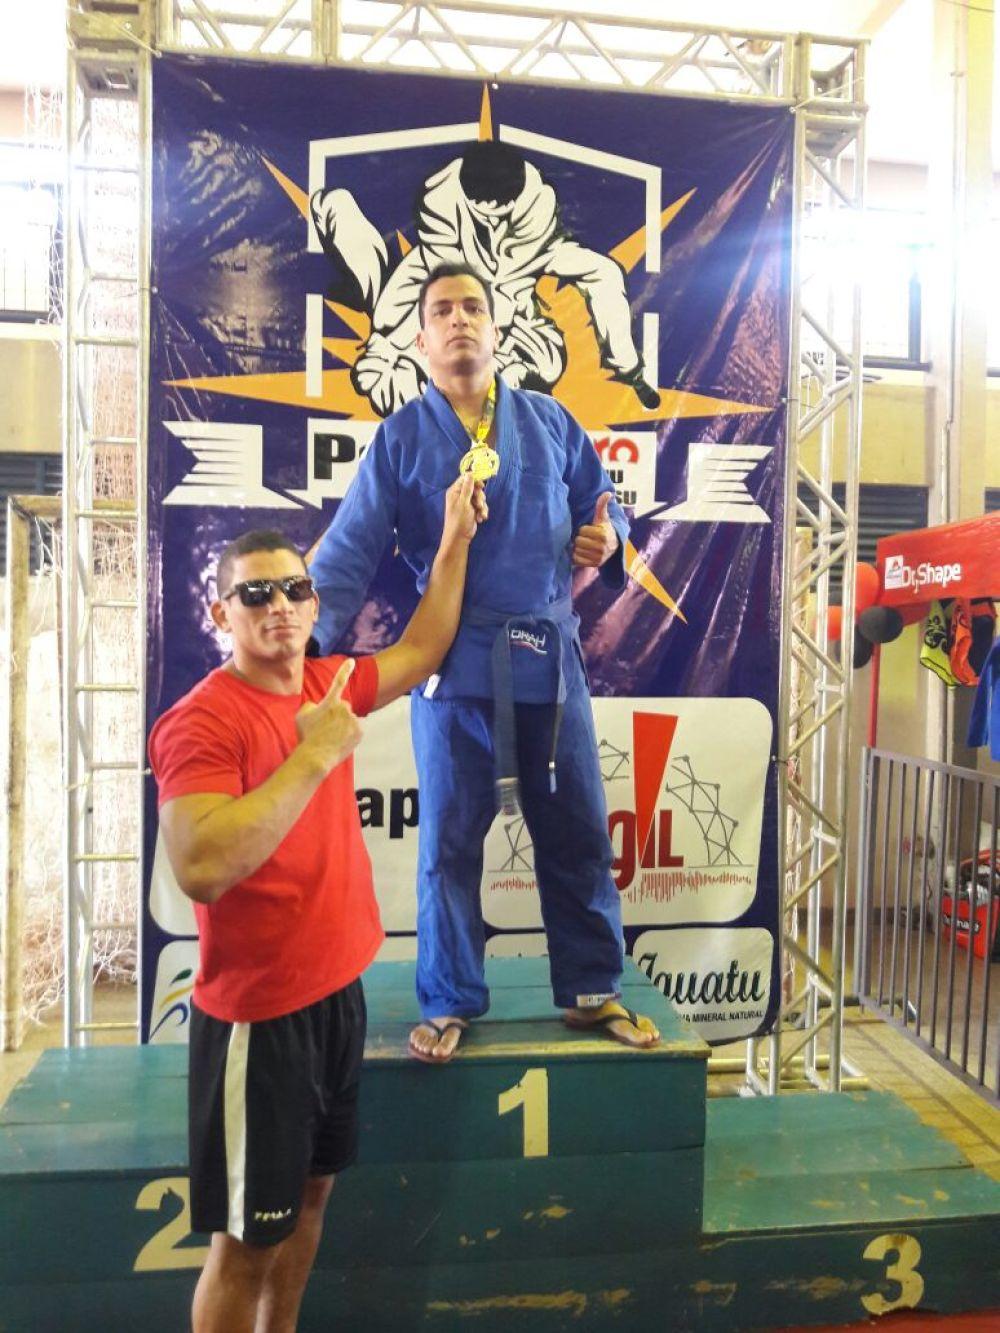 """Projeto da PM """"Dojo de Ouro"""" conquista 03 medalhas de ouro no campeonato Palmas Pro de Jiu-jitsu"""